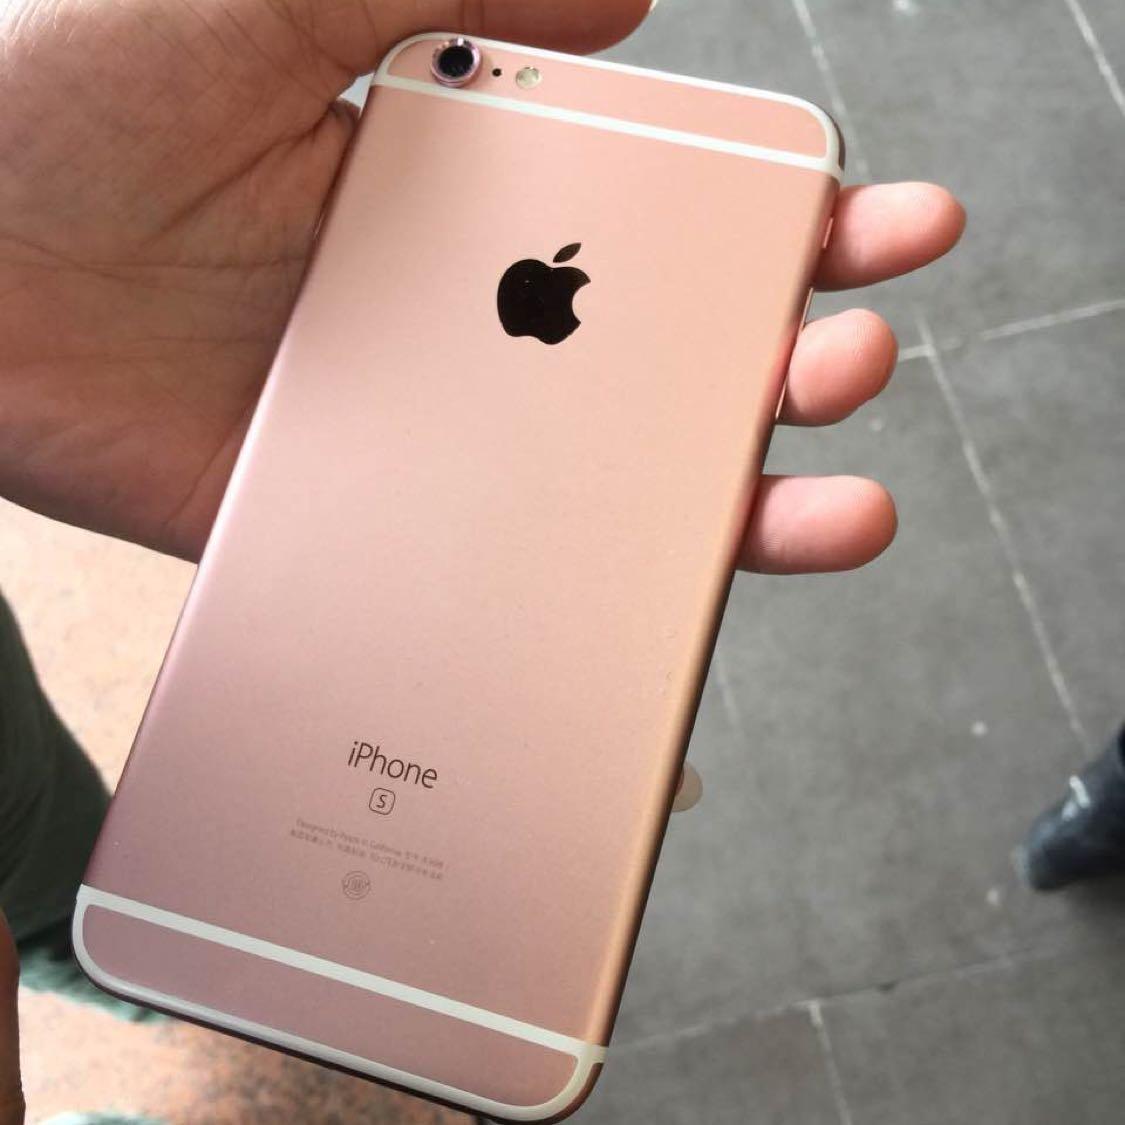 iphone6splus尺寸-iphone6splus和iphone7/苹果6splus